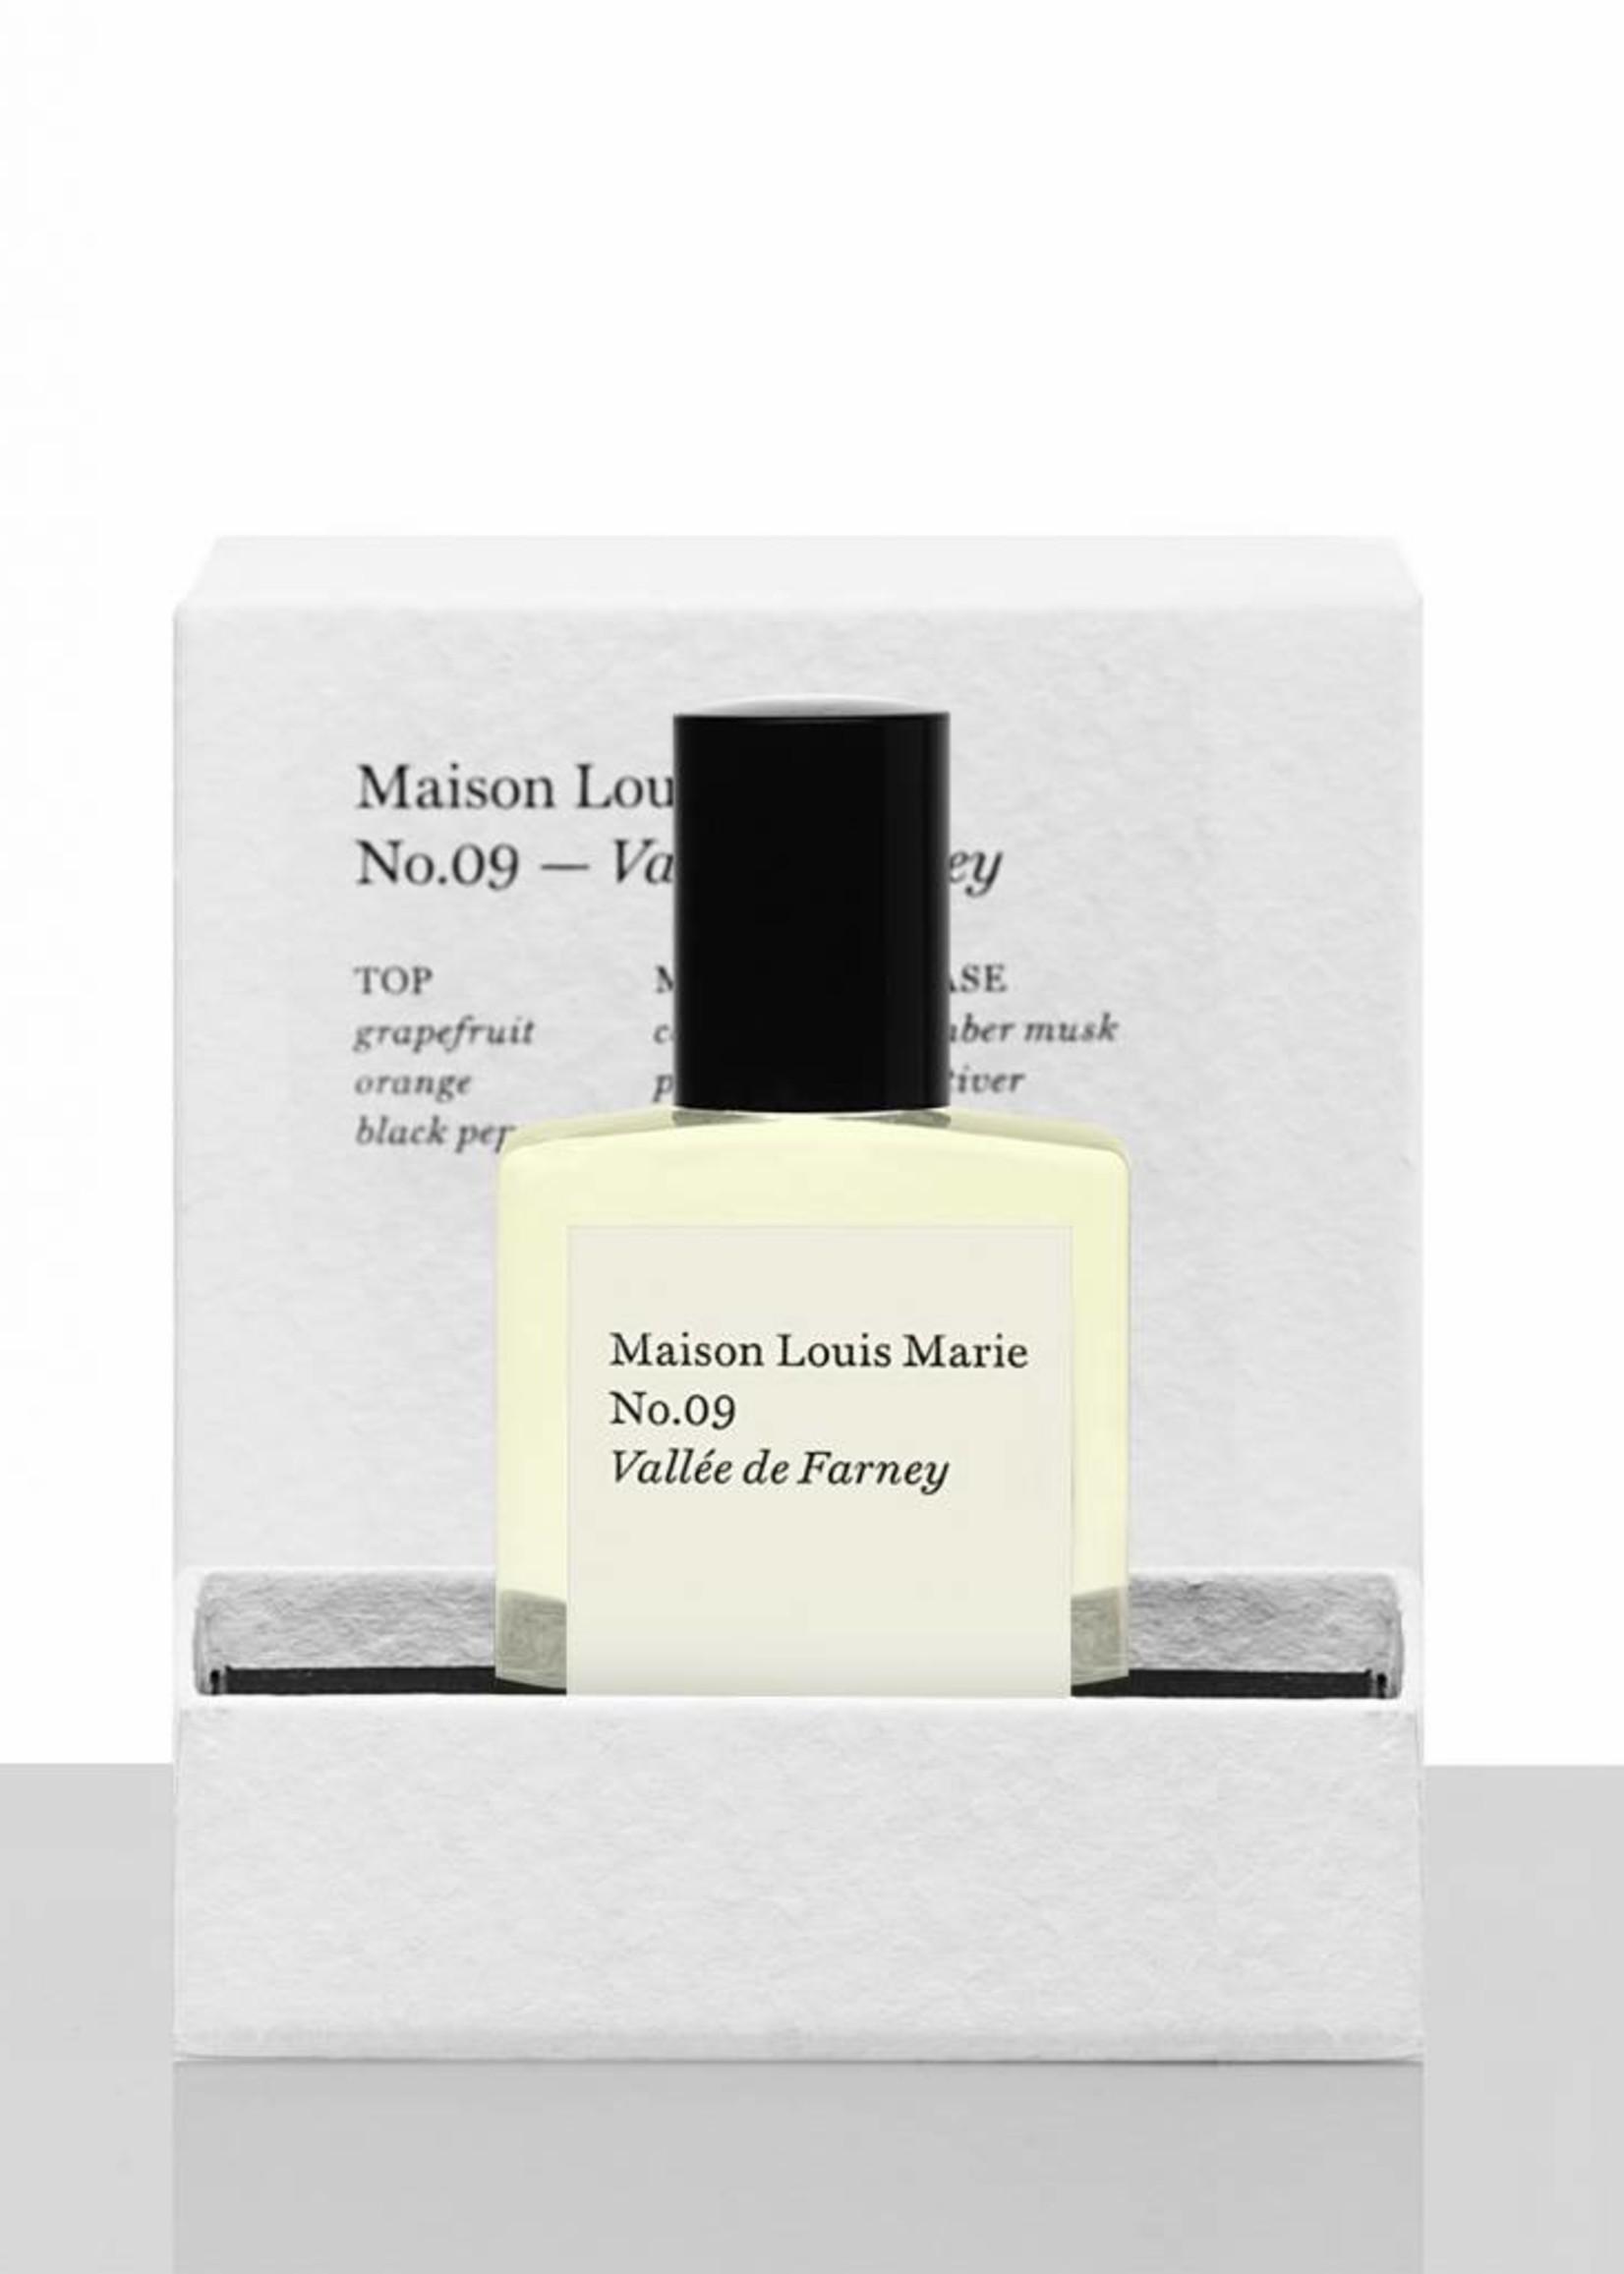 Maison Louis Marie Maison Louis Marie No.09 Vallee de Farney Perfume Oil